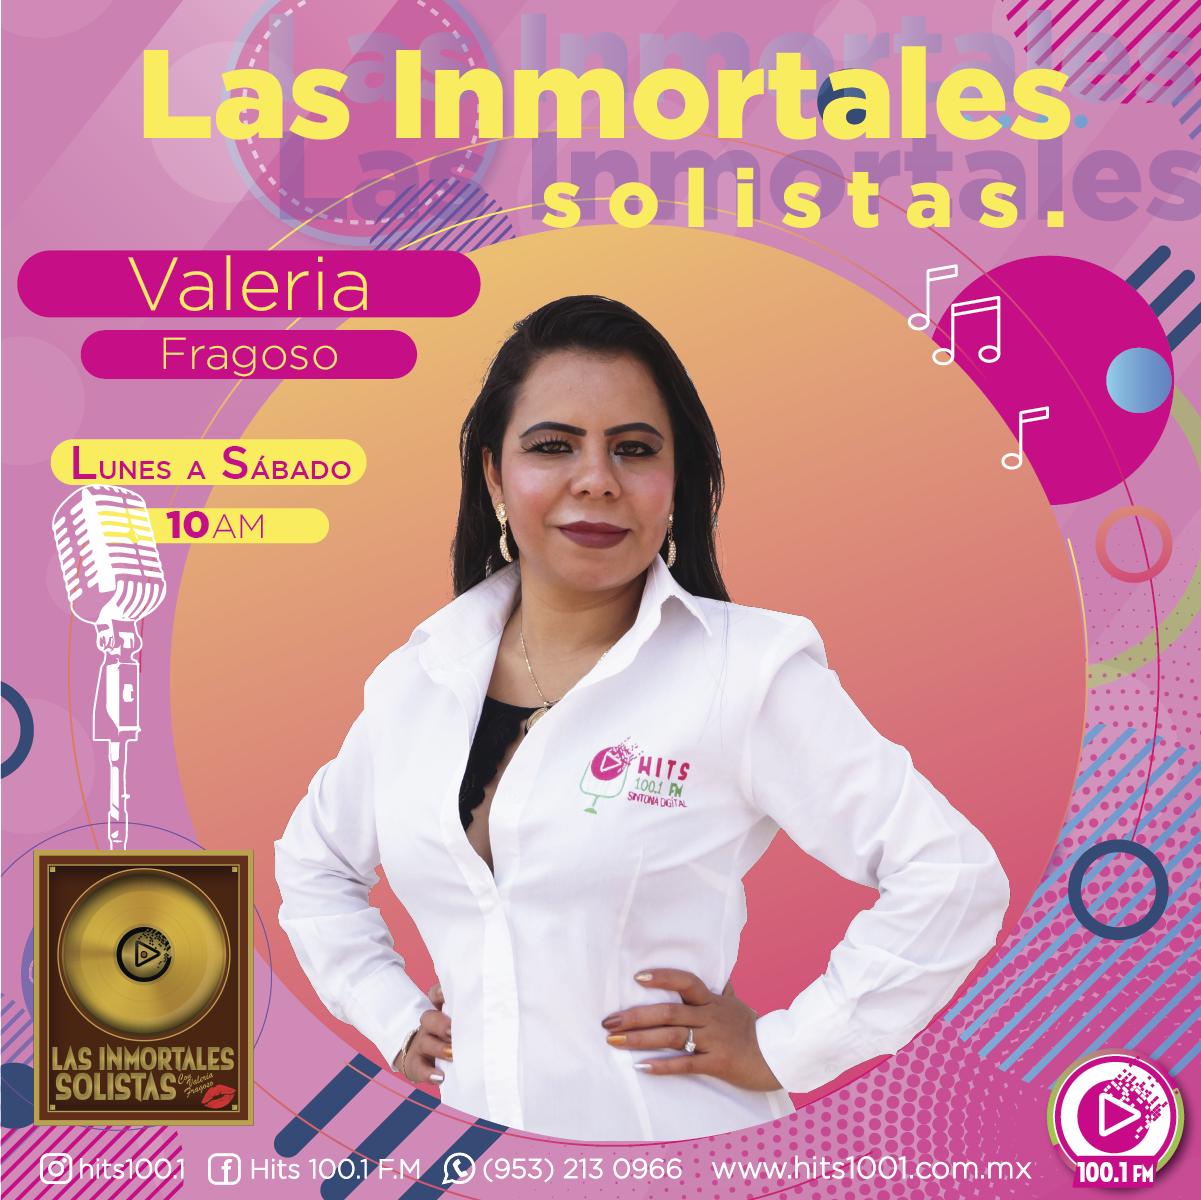 https://0201.nccdn.net/4_2/000/000/06c/bba/las-inmortales-solitas-10-am-1.png